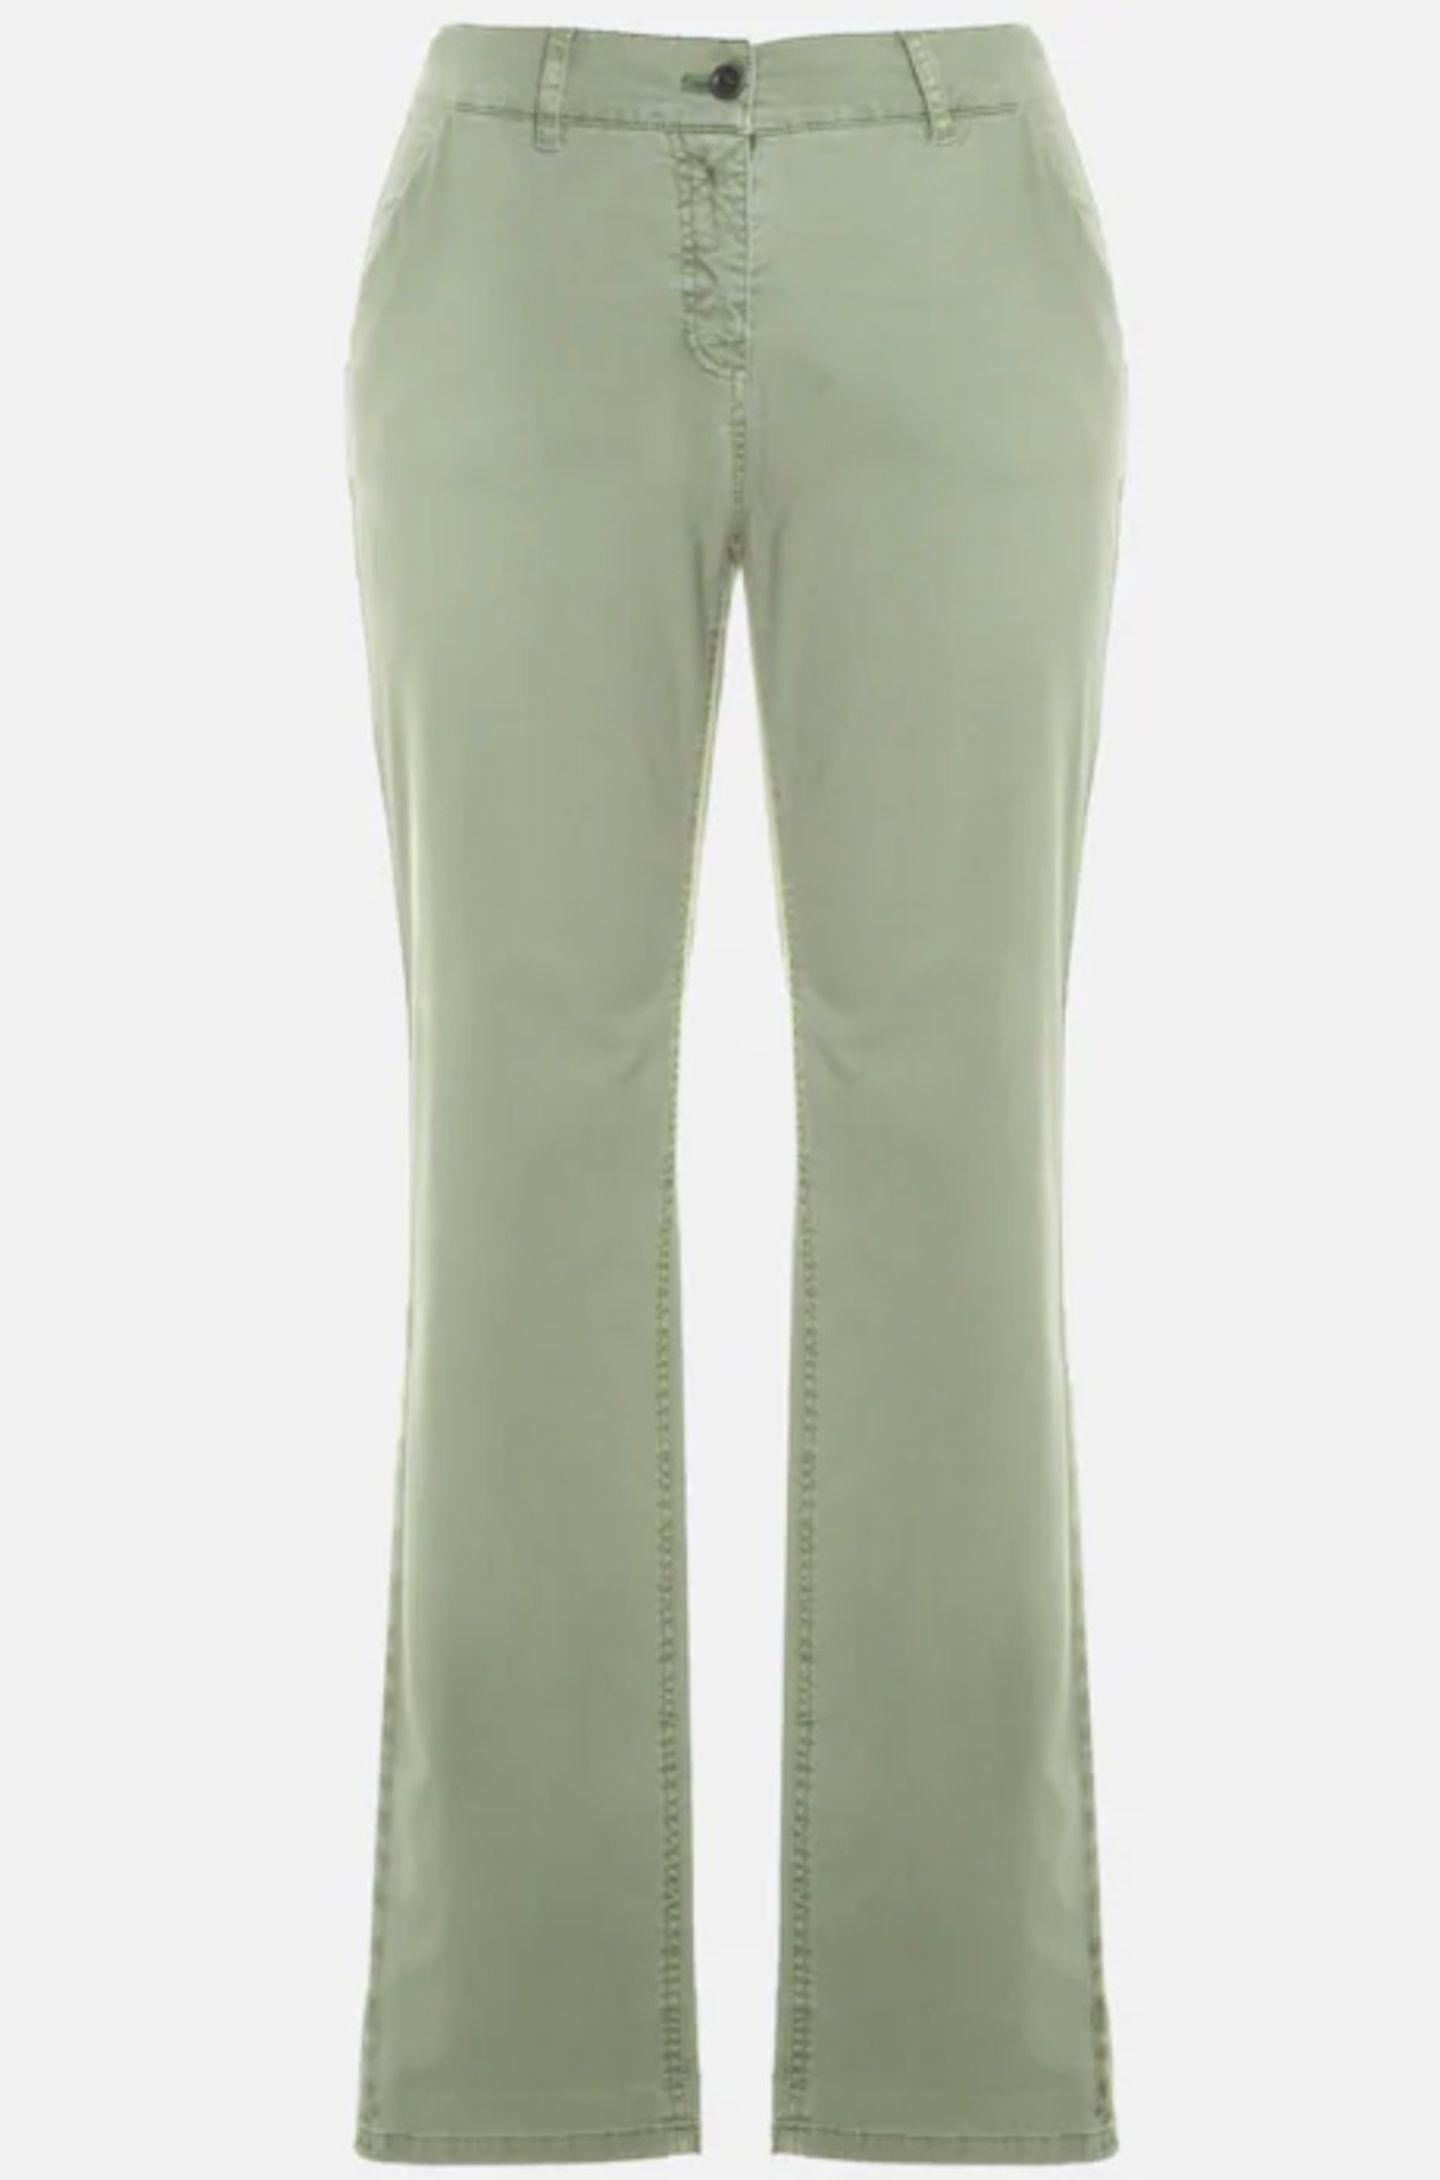 Jeanshosen kommen 2021 nicht mehr nur blau daher. Pastellfarben wir Mintgrün, Flieder oder Butterblumengelbsind gerade mega angesagt. kein Wunder also, dass es uns diese Hose angetan hat, oder? Von Ulla Popken, um 60 Euro.